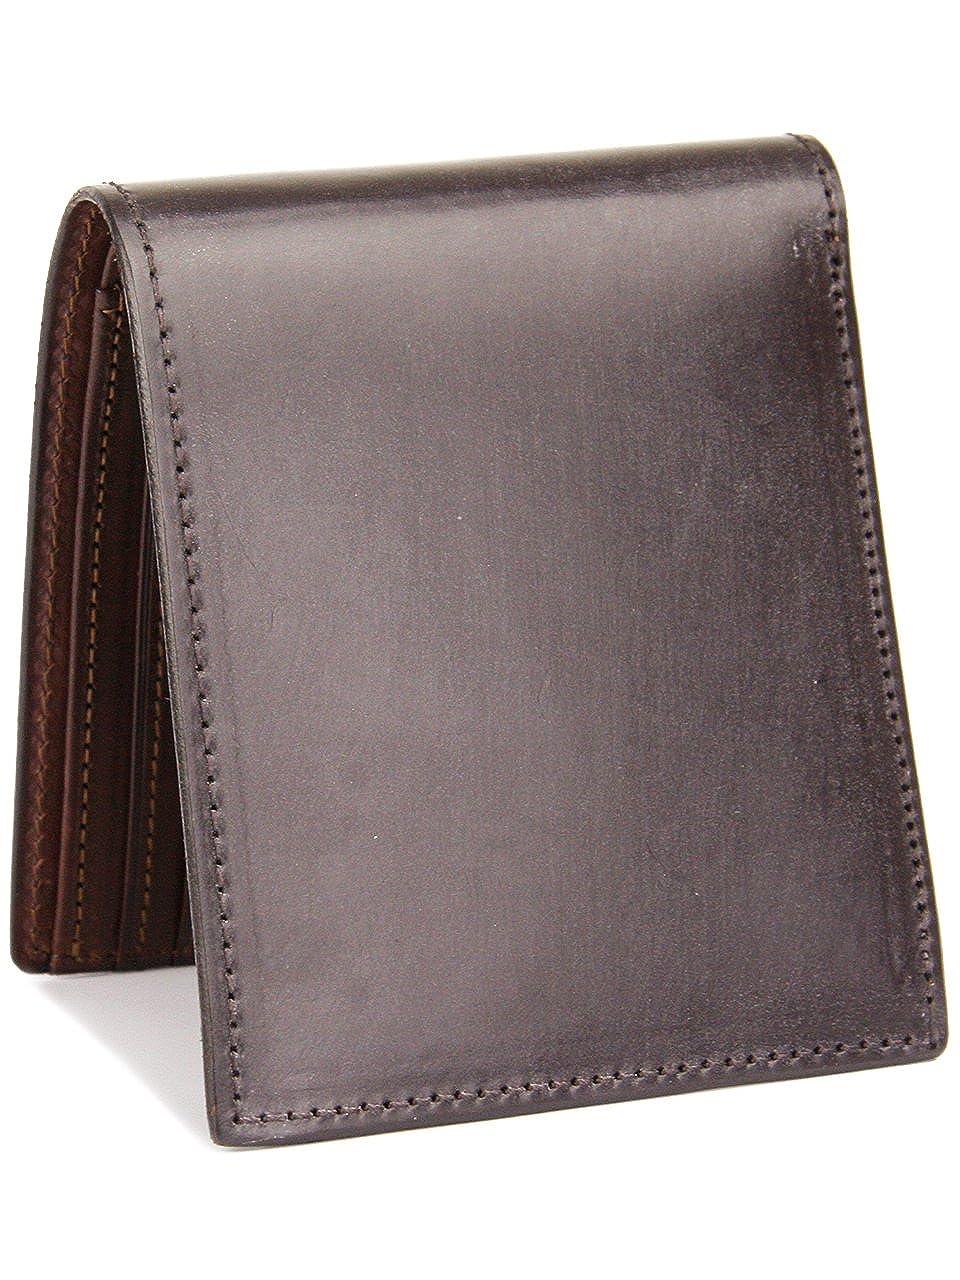 [コルボ] CORBO. -face Bridle Leatherフェイス ブライドルレザー シリーズ 小銭入れ付き 二つ折り財布 1LD-0229 CO-1LD-0229 B006G4HIG8ダークブラウン